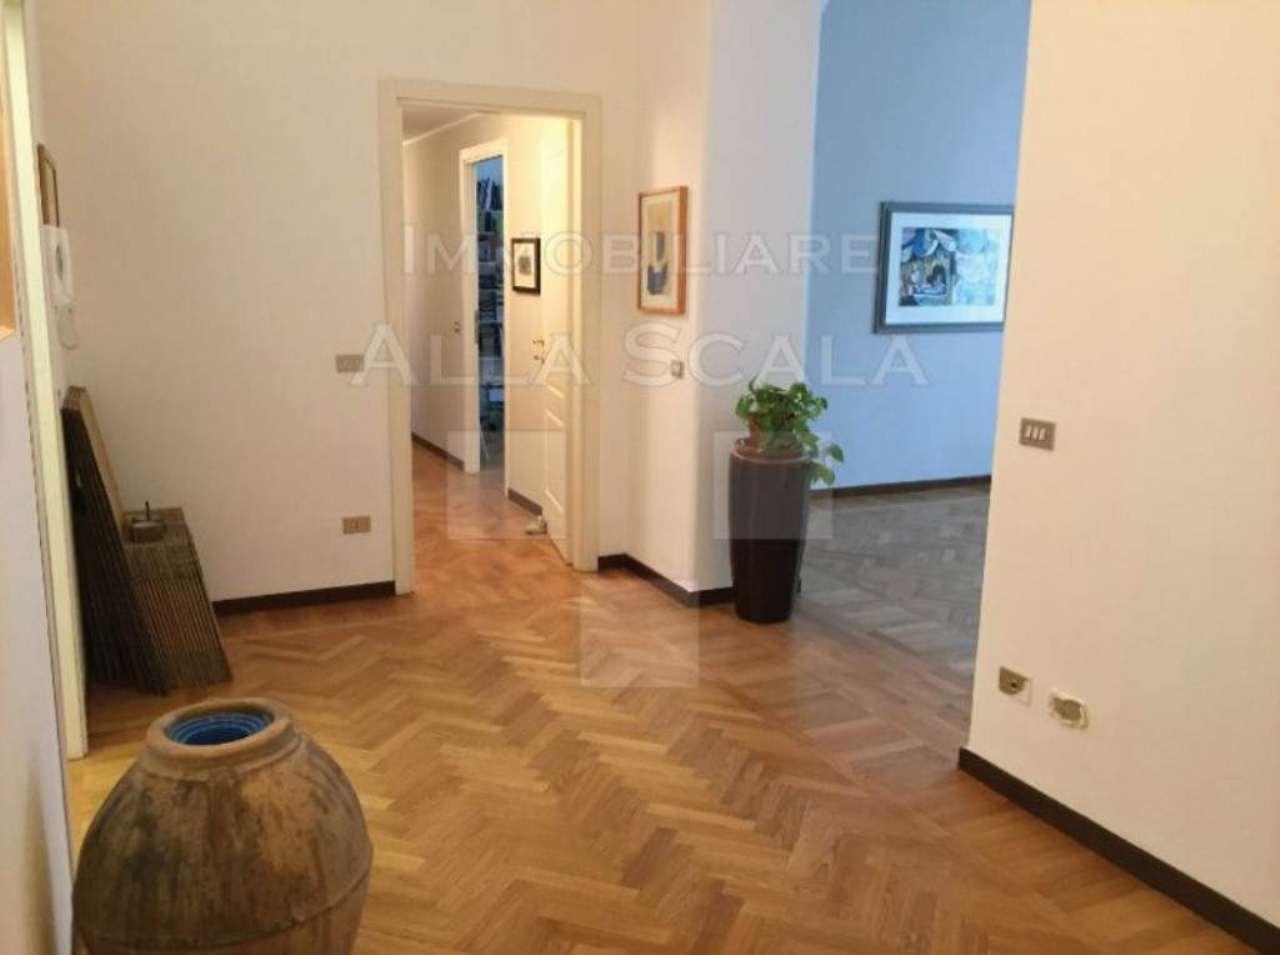 Appartamento in affitto a Milano, 4 locali, zona Zona: 1 . Centro Storico, Duomo, Brera, Cadorna, Cattolica, prezzo € 2.830 | Cambio Casa.it